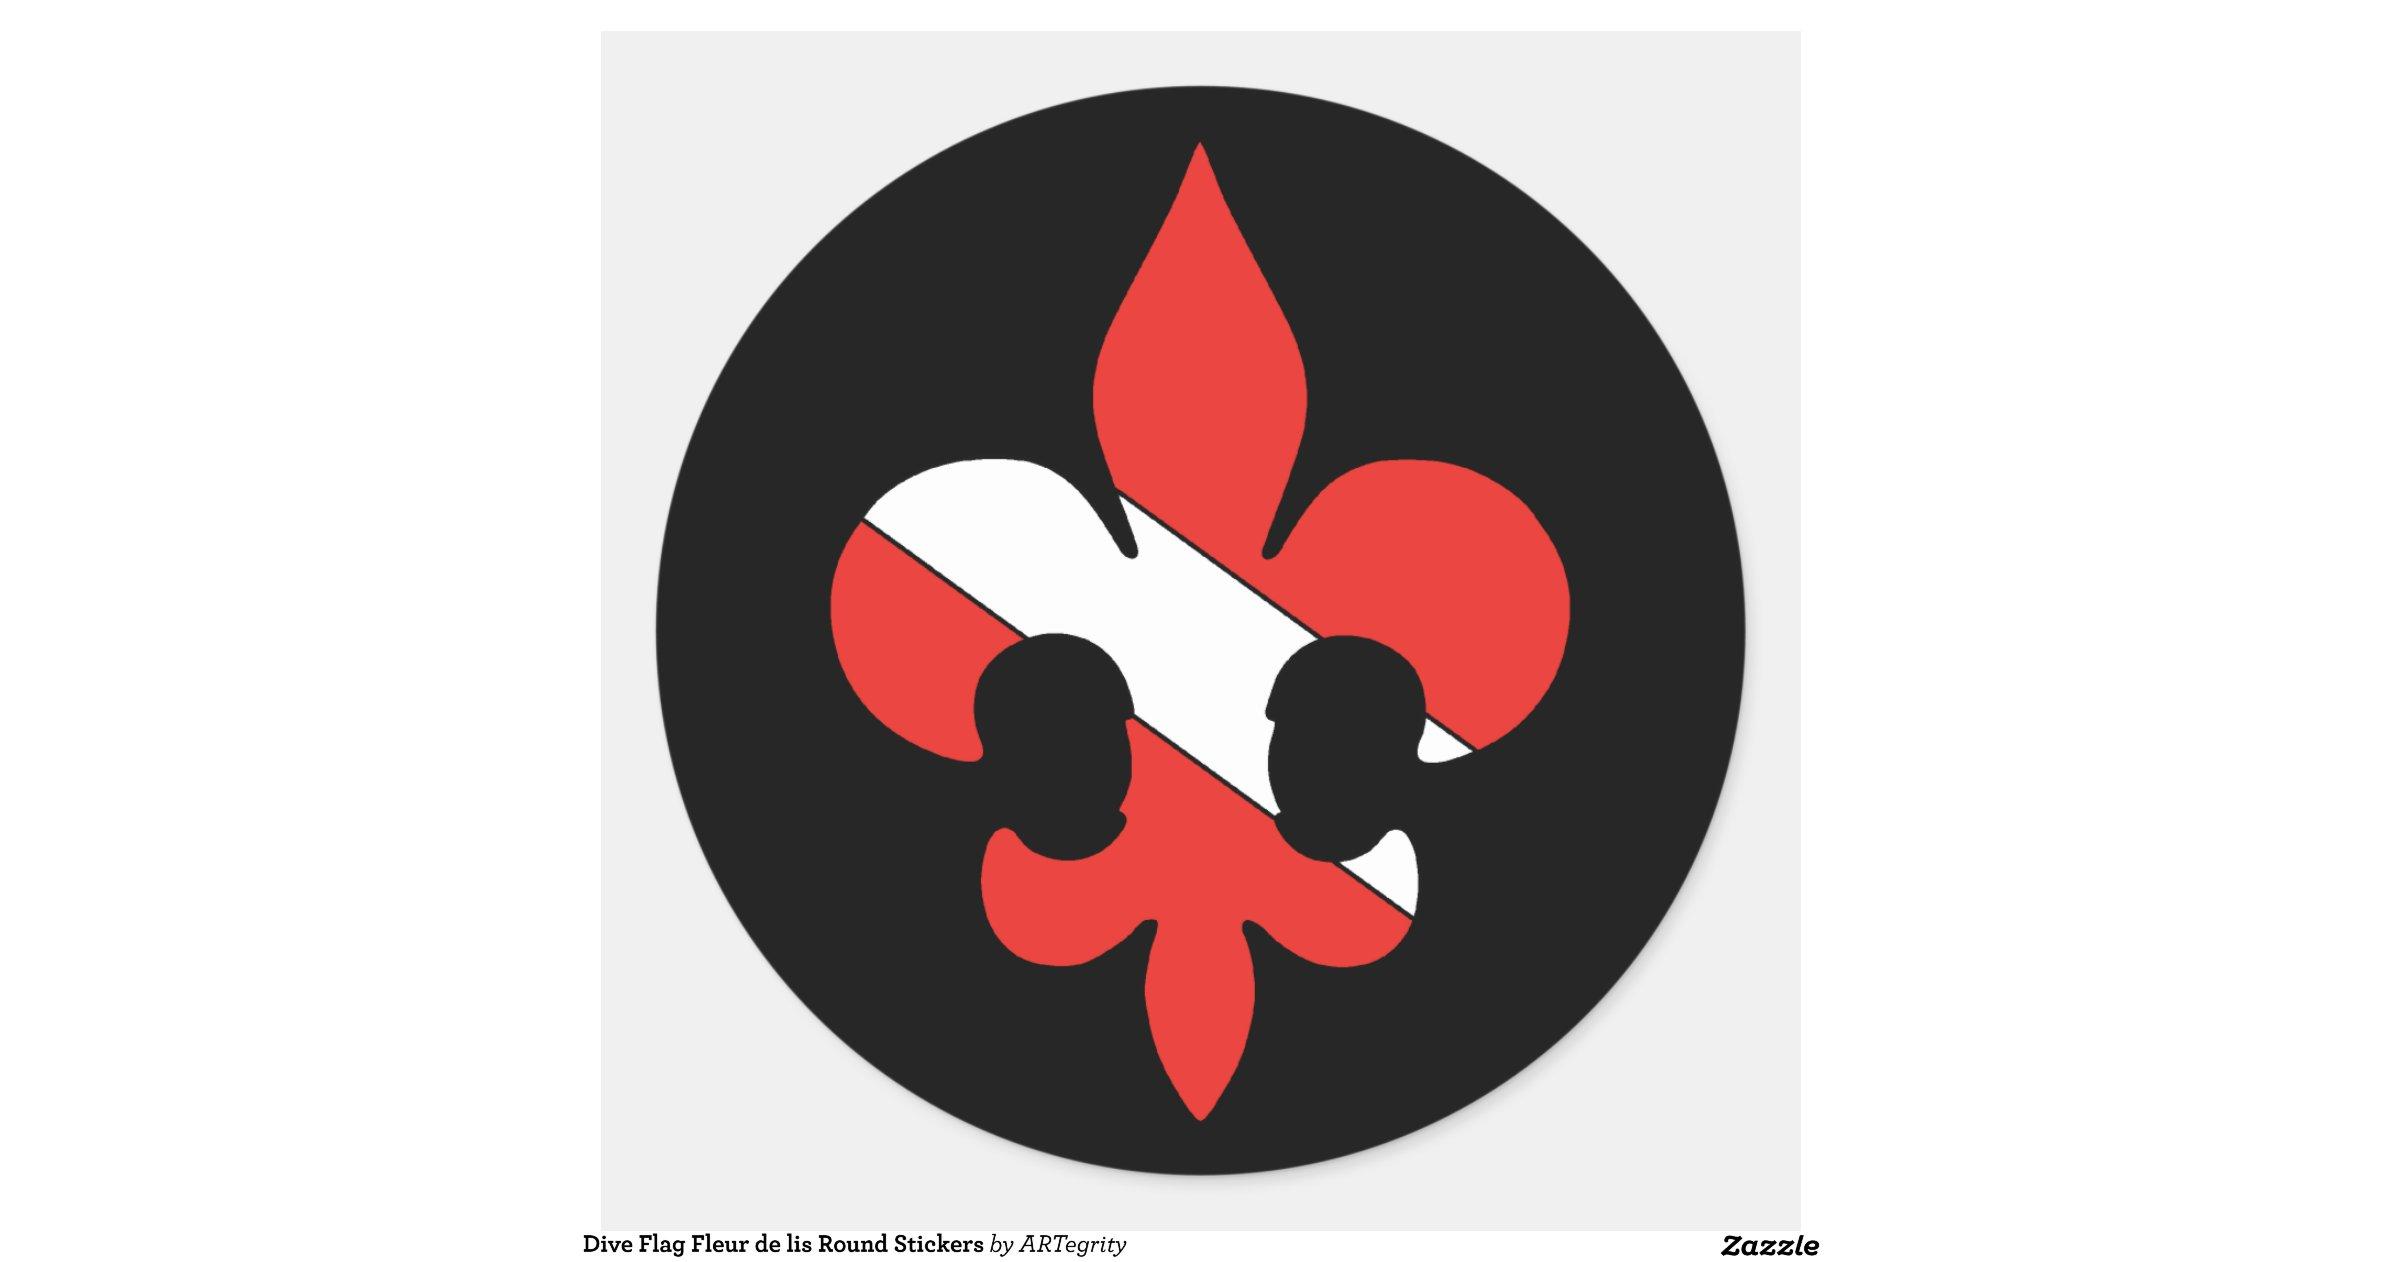 Dive Flag Fleur De Lis Round Stickers